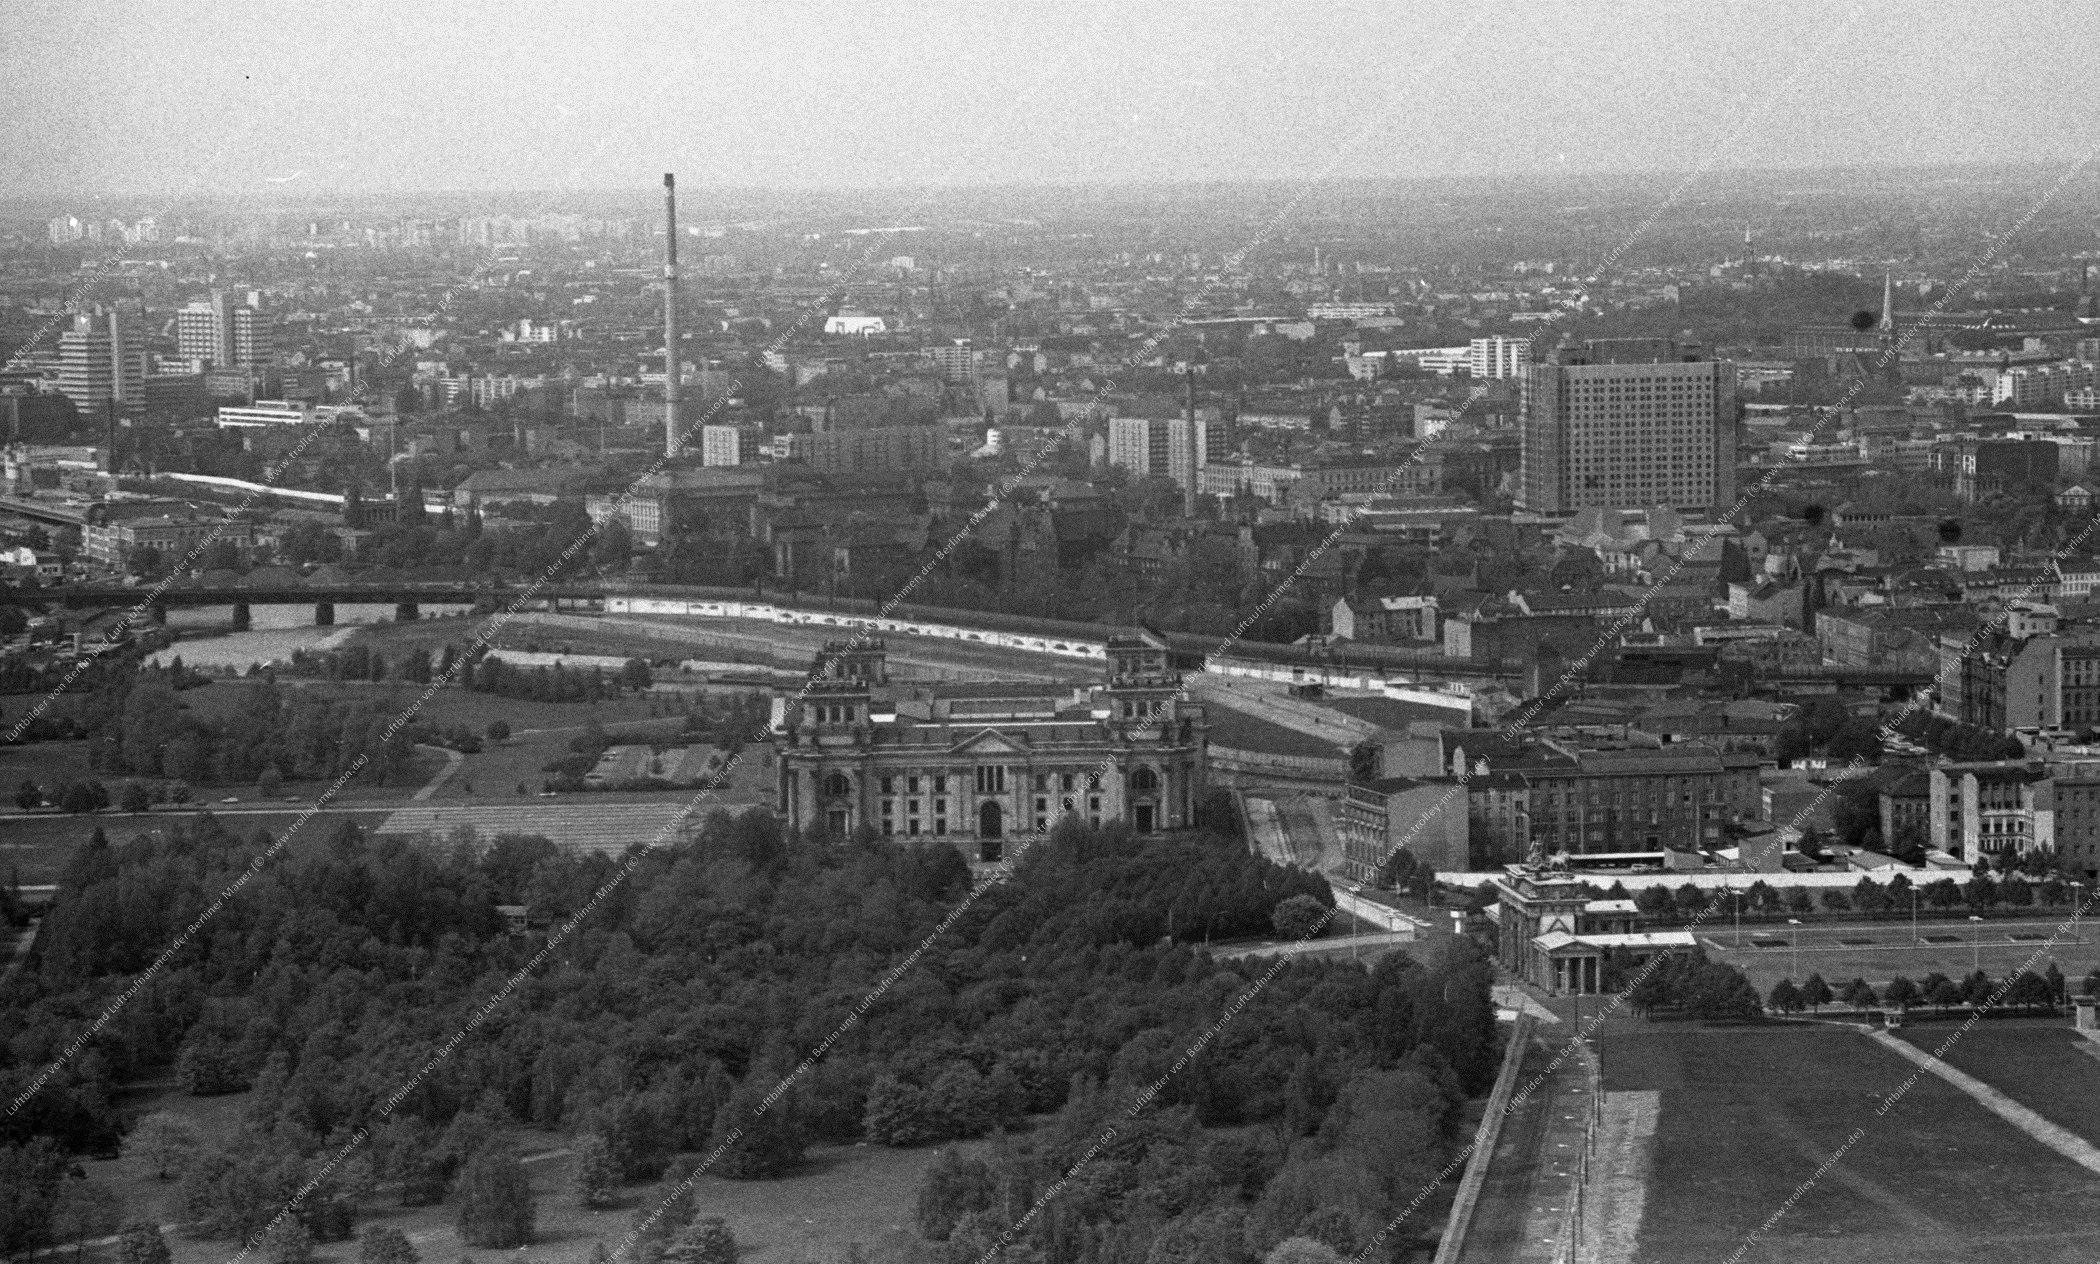 Luftaufnahme Brandenburger Tor und Reichstag vom 12. Mai 1982 (Bild 106)